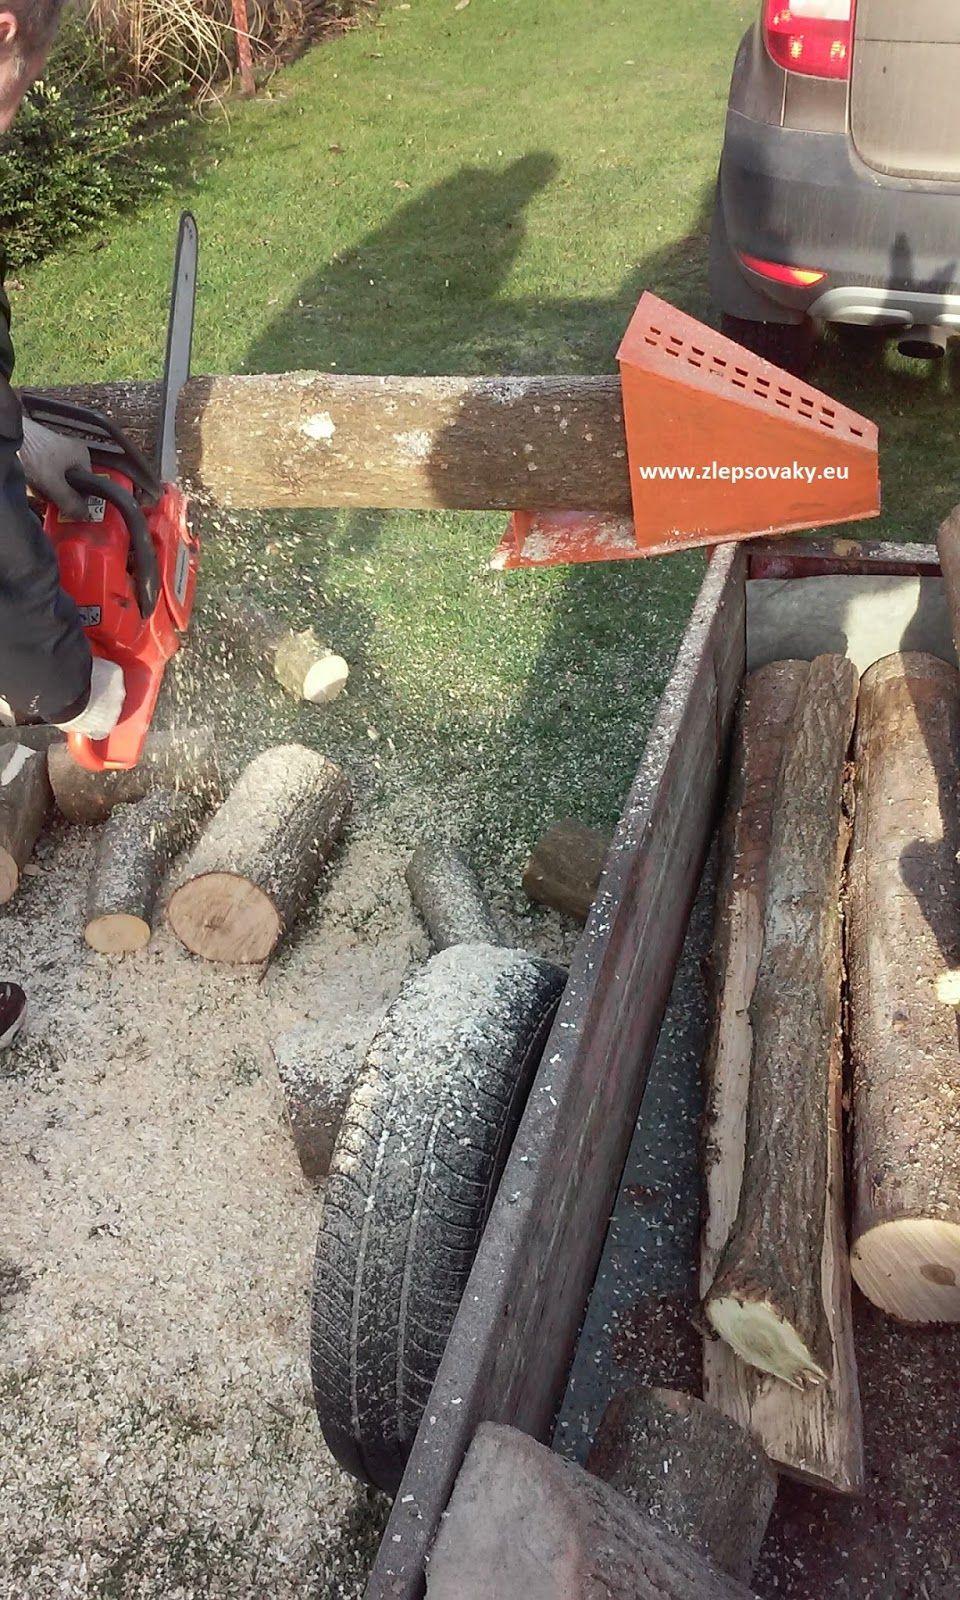 Berühmt Ständer für Schneiden von Holz, Ständer für Schneiden von Holz mir &JY_48